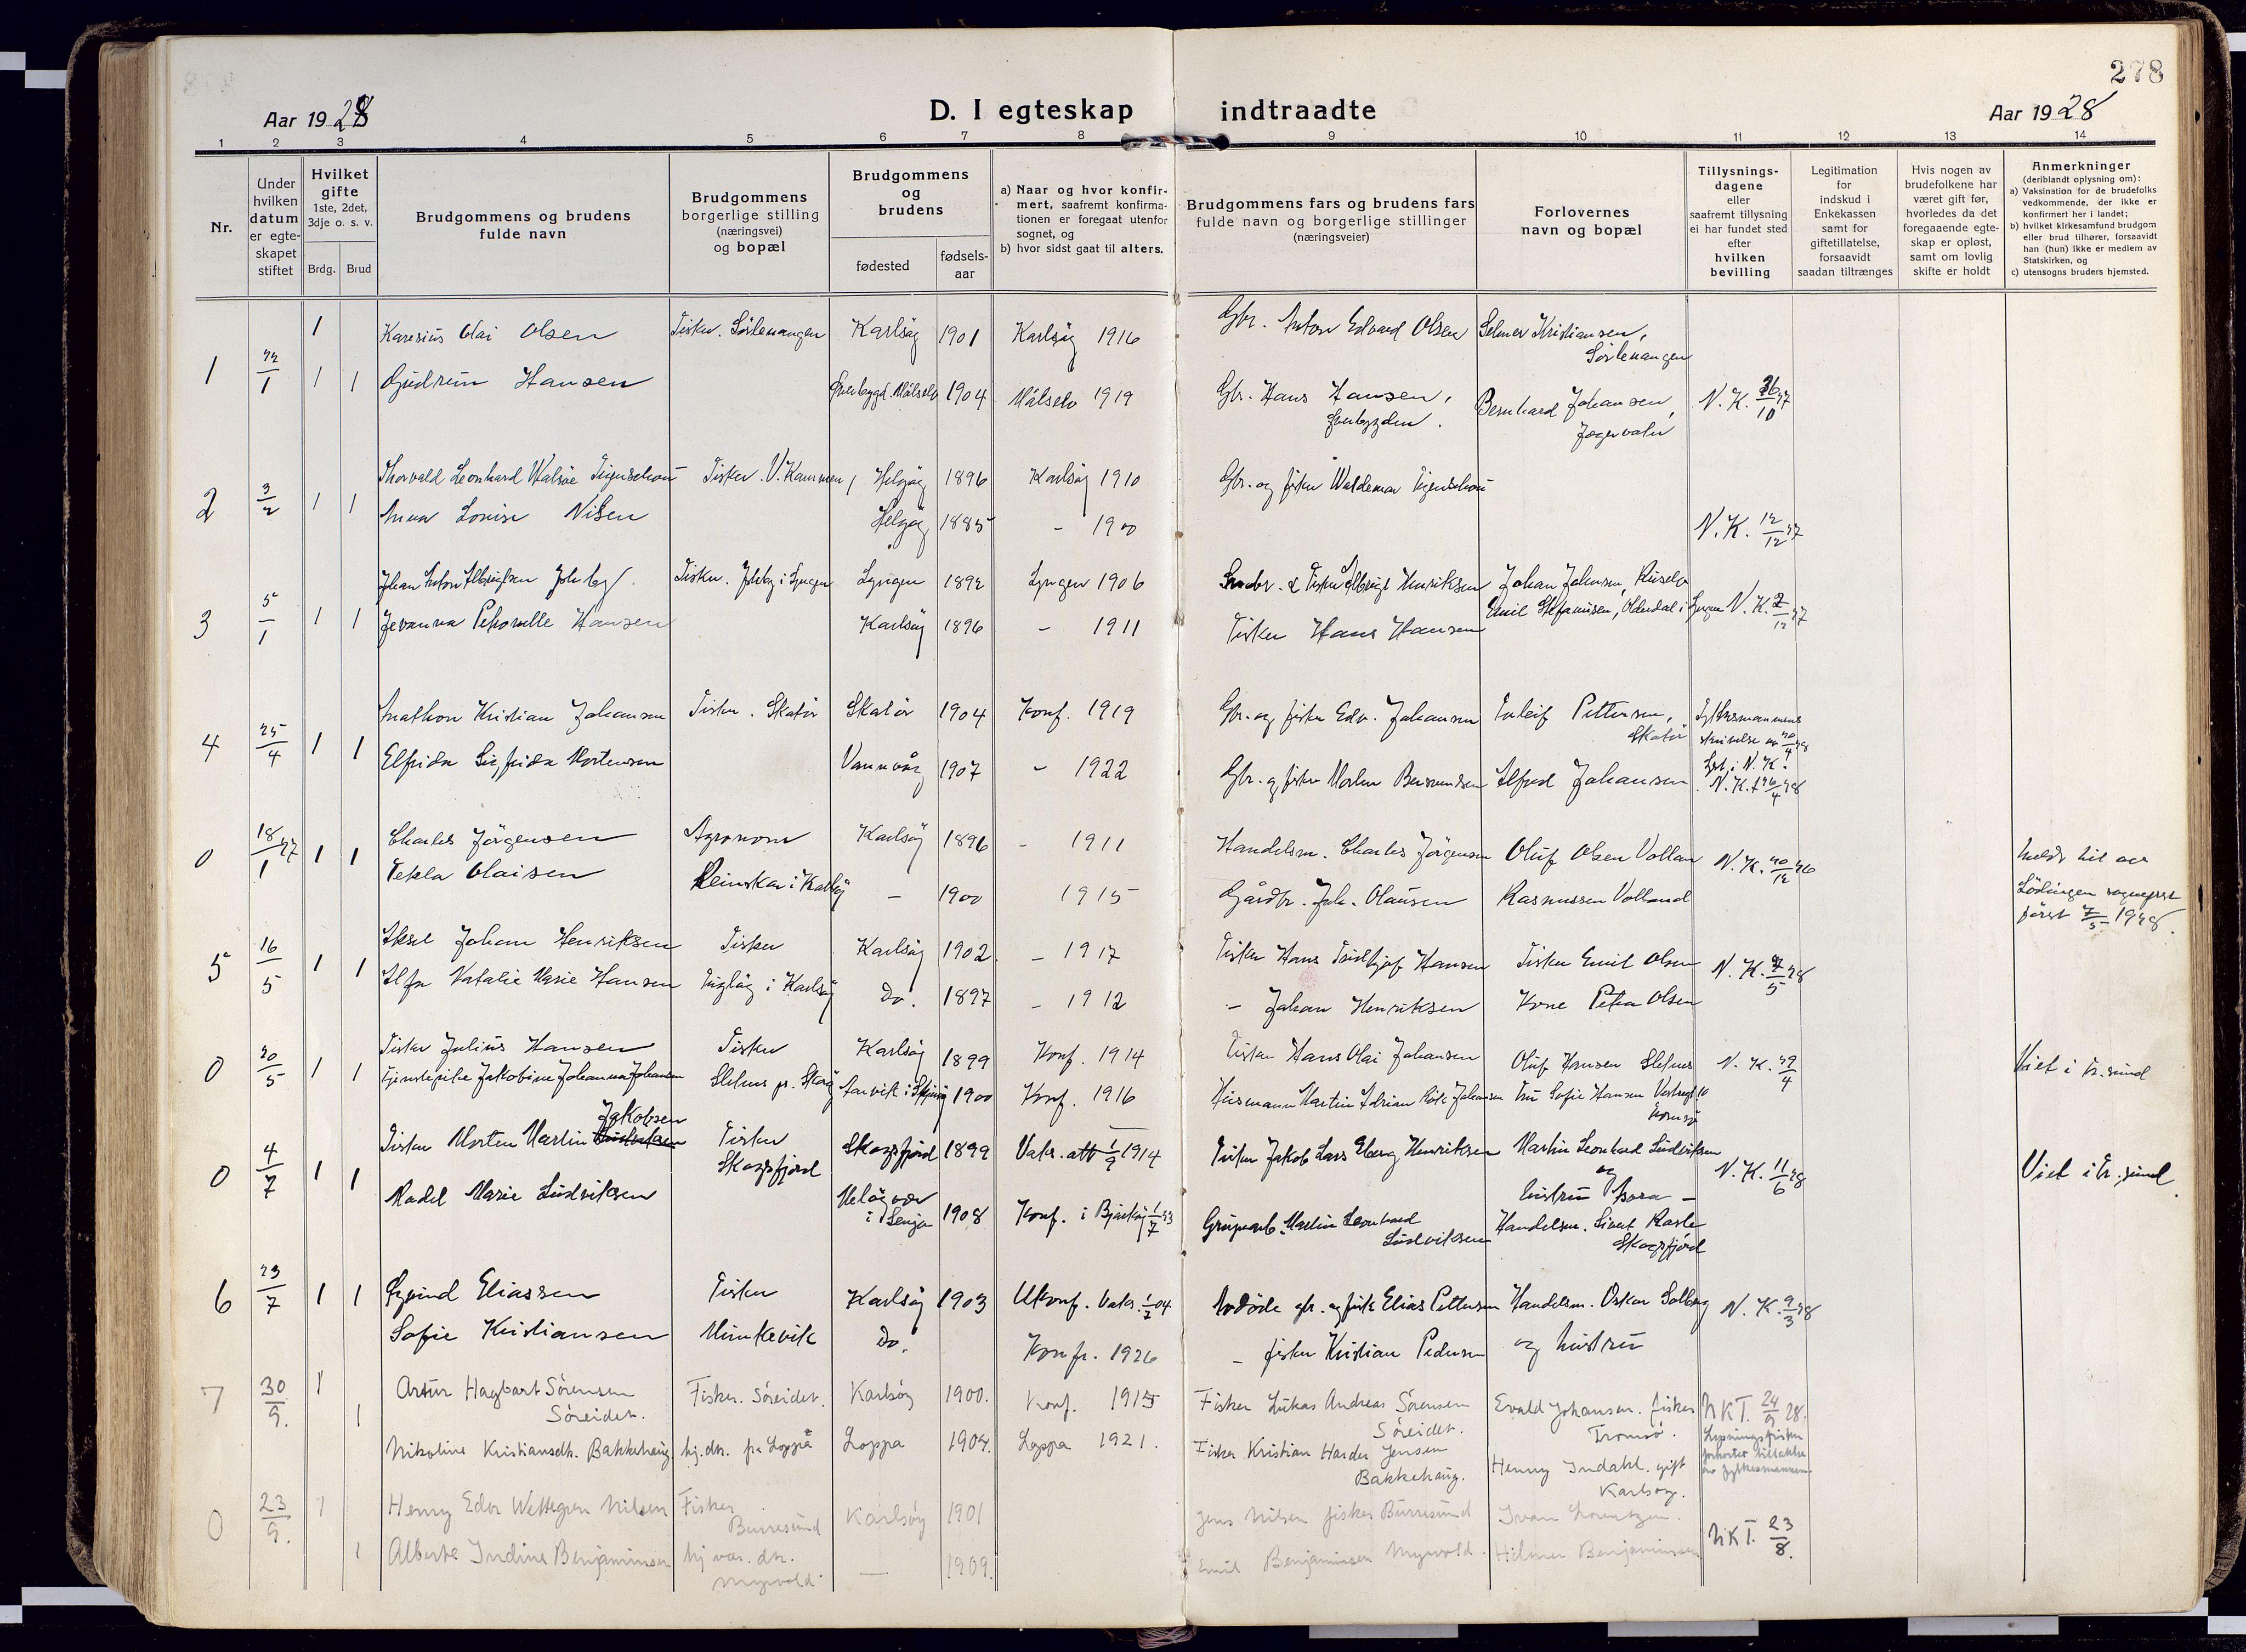 SATØ, Karlsøy sokneprestembete, Ministerialbok nr. 15, 1918-1929, s. 278